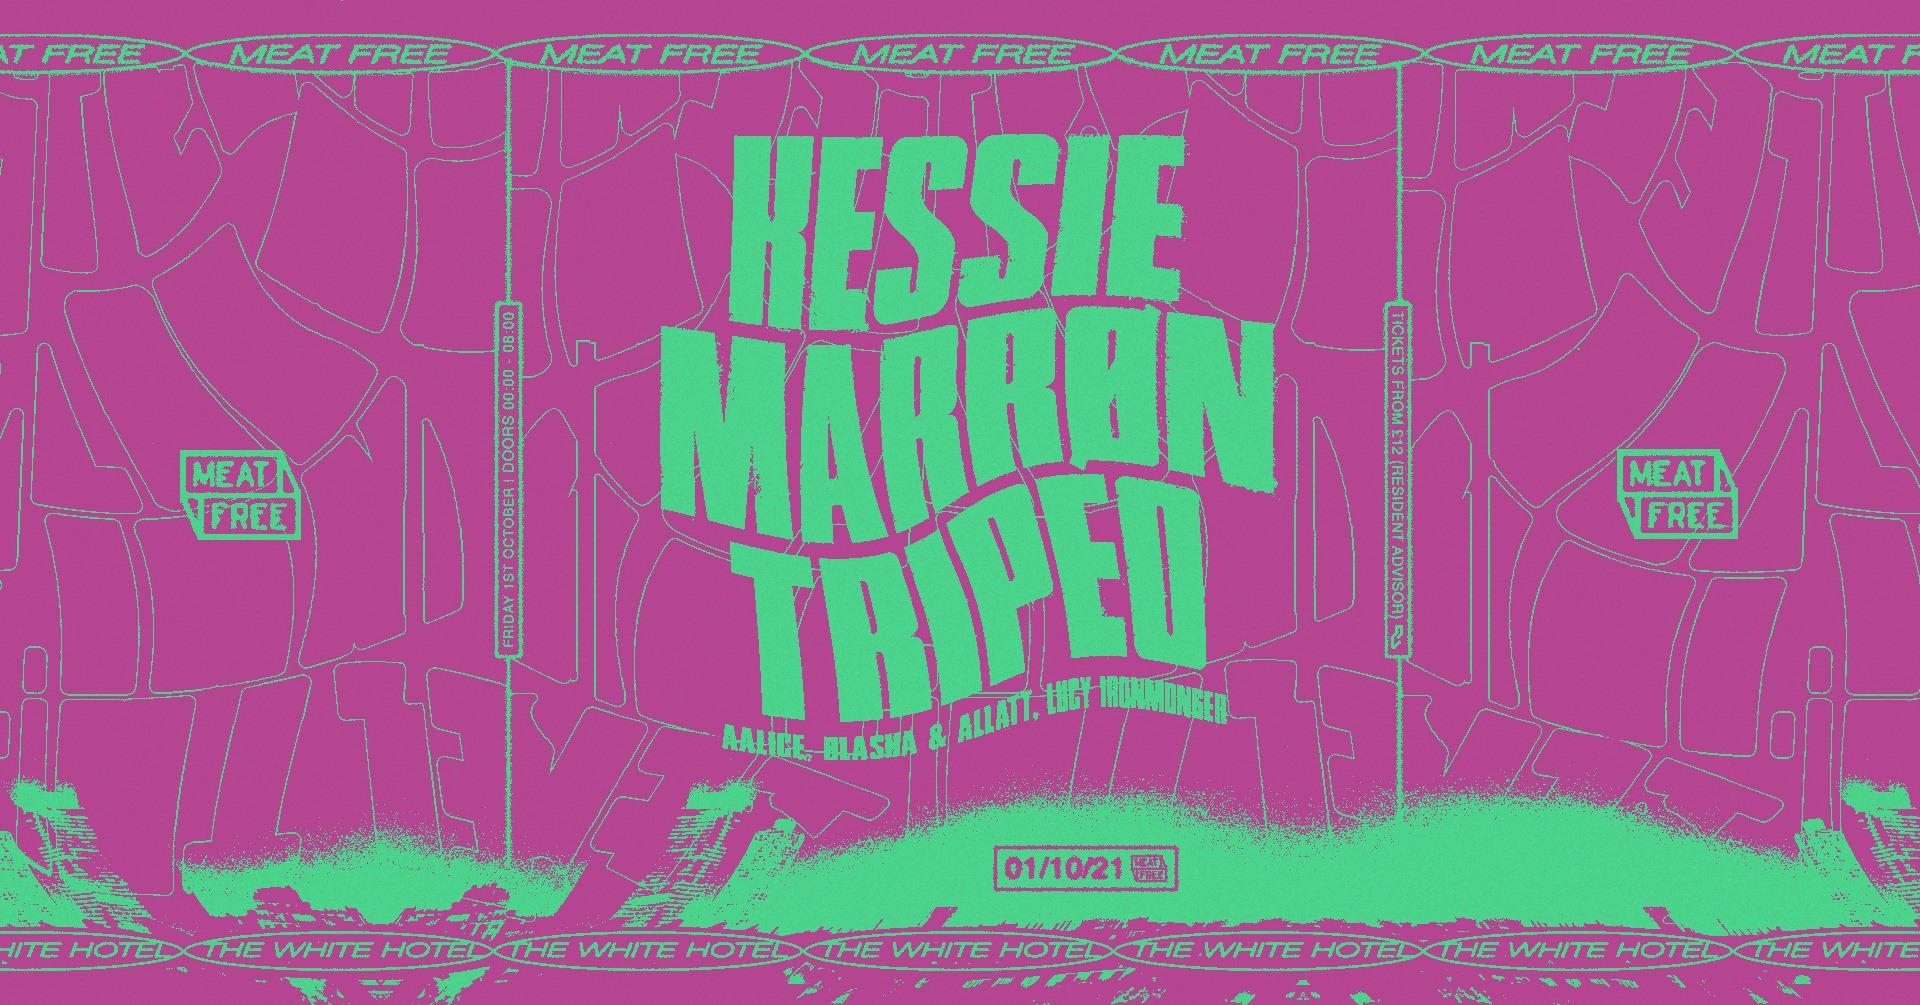 Kessie Marron Tripeo Meat Free